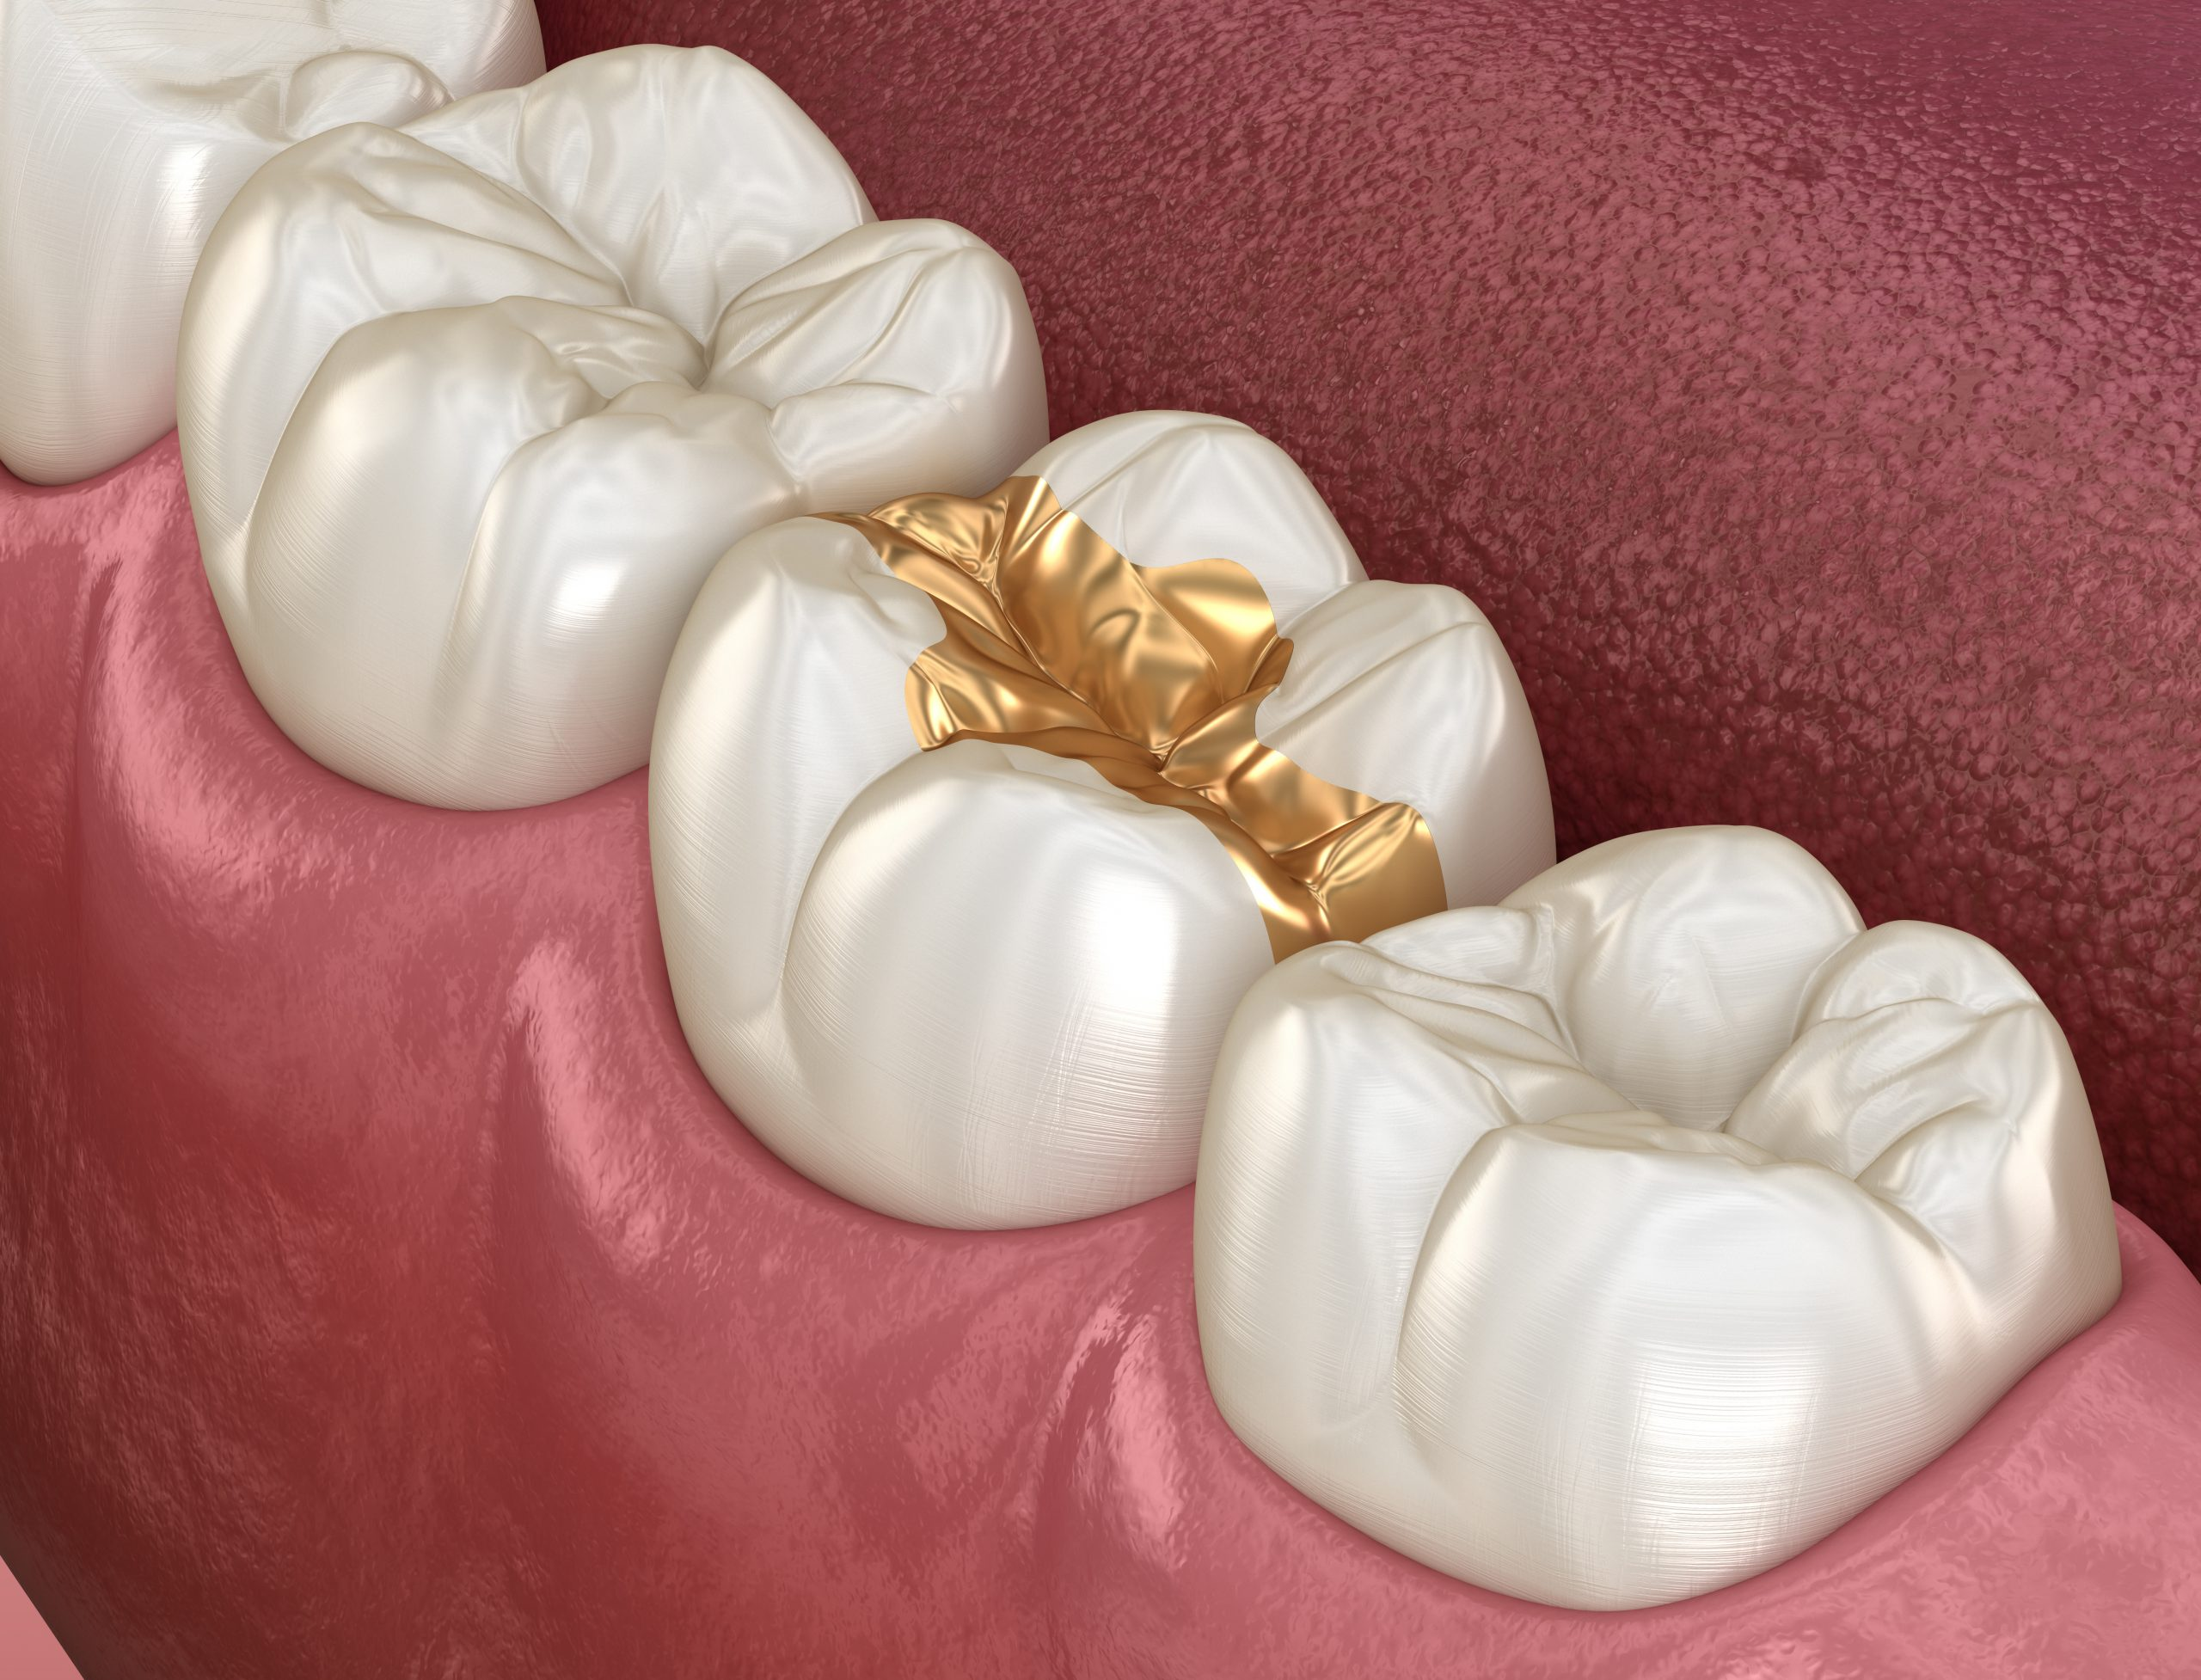 Gold Dental Fillings